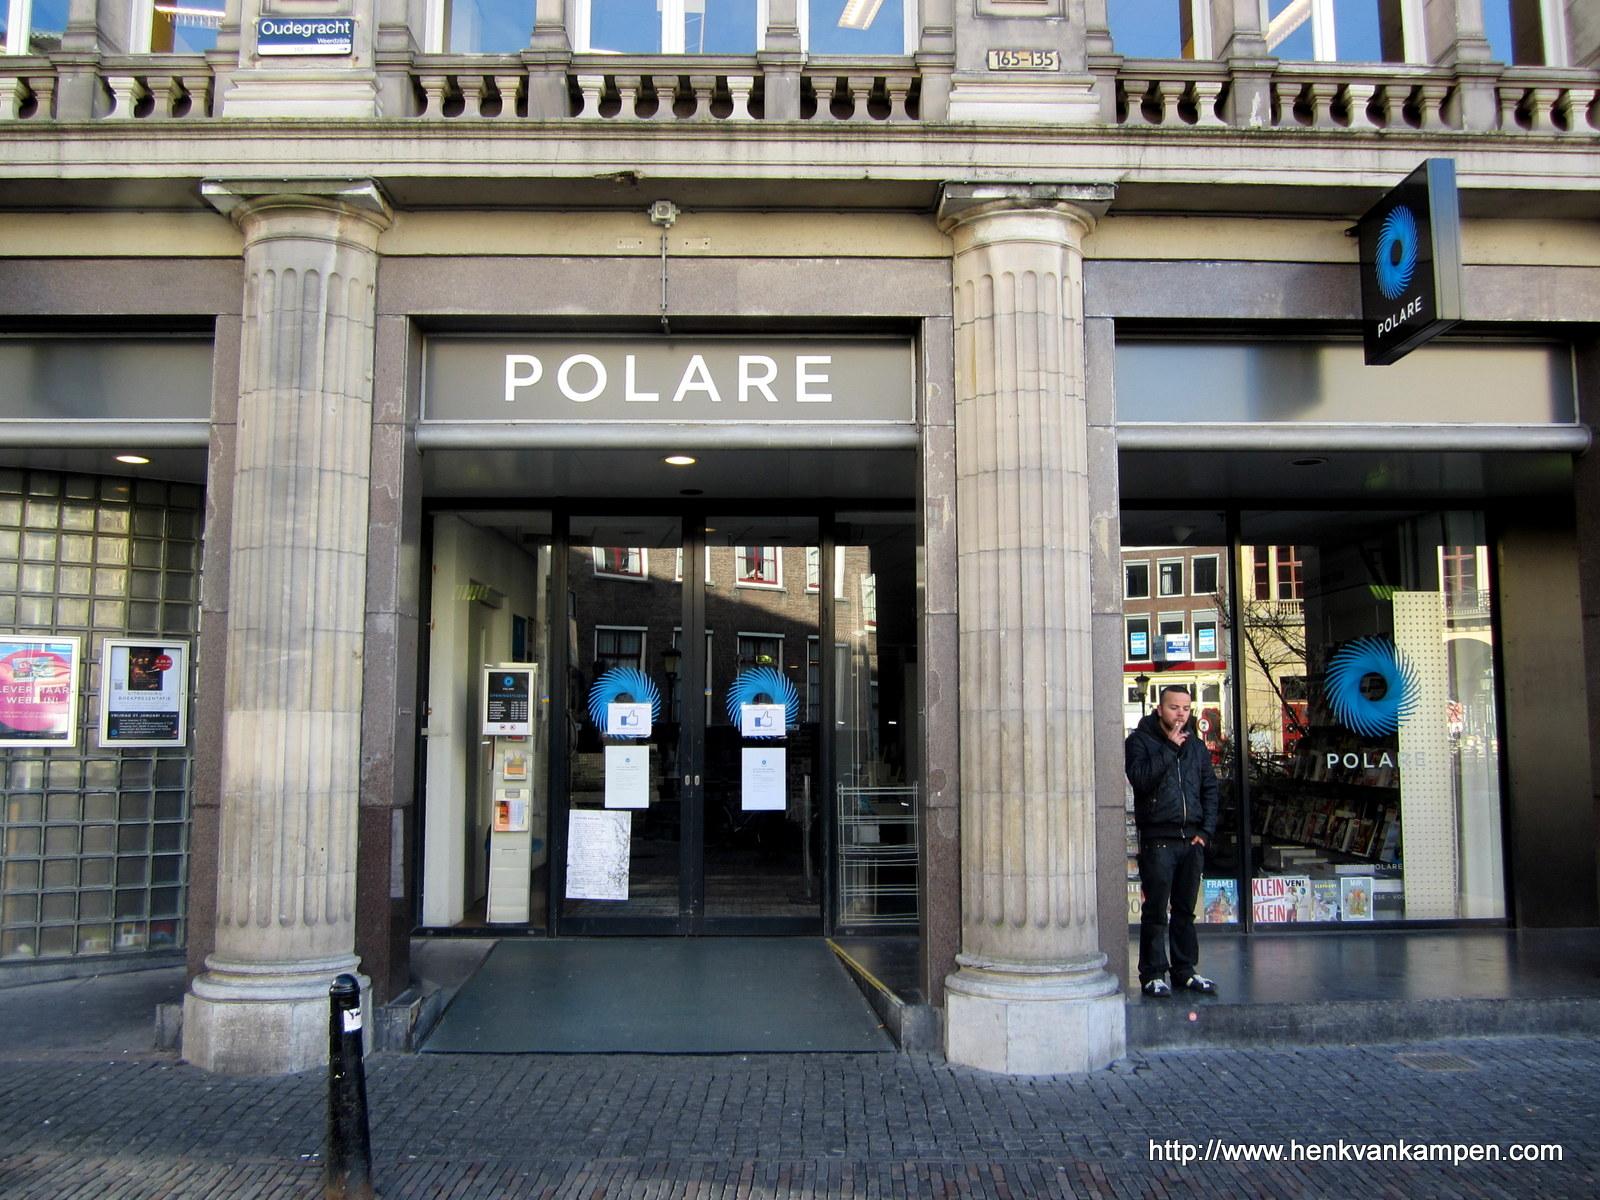 Boekhandel Polare, voorheen Broese, in Utrecht